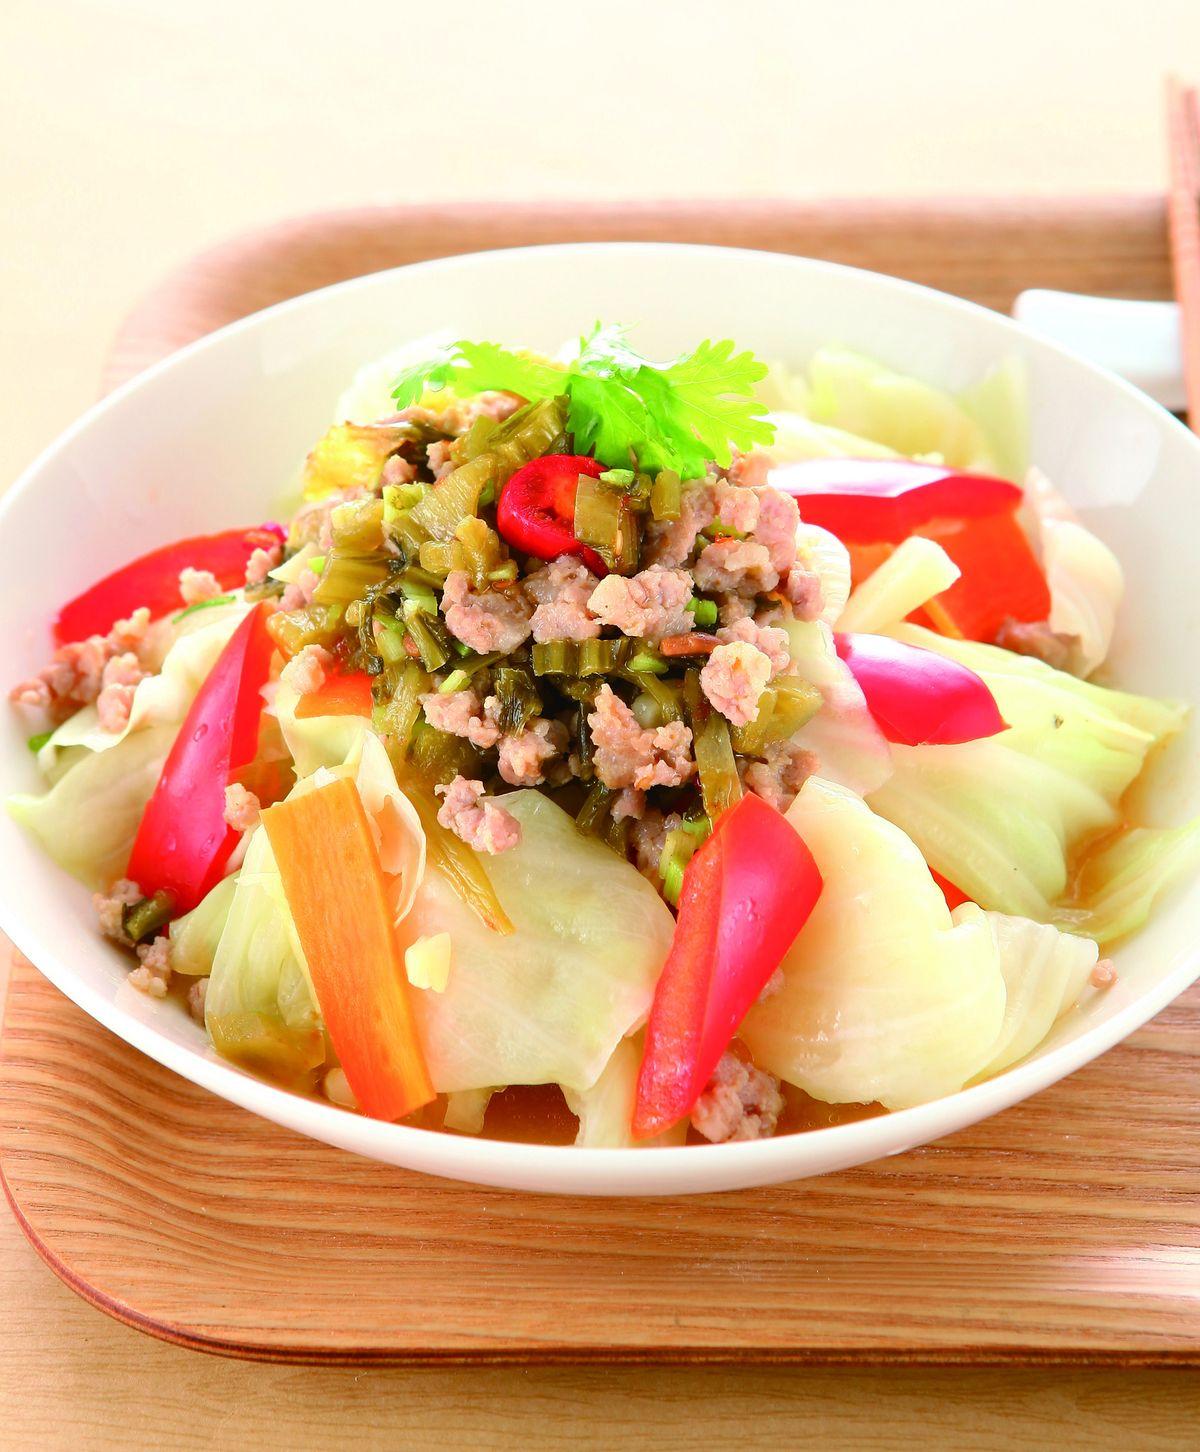 食譜:肉末拌高麗菜